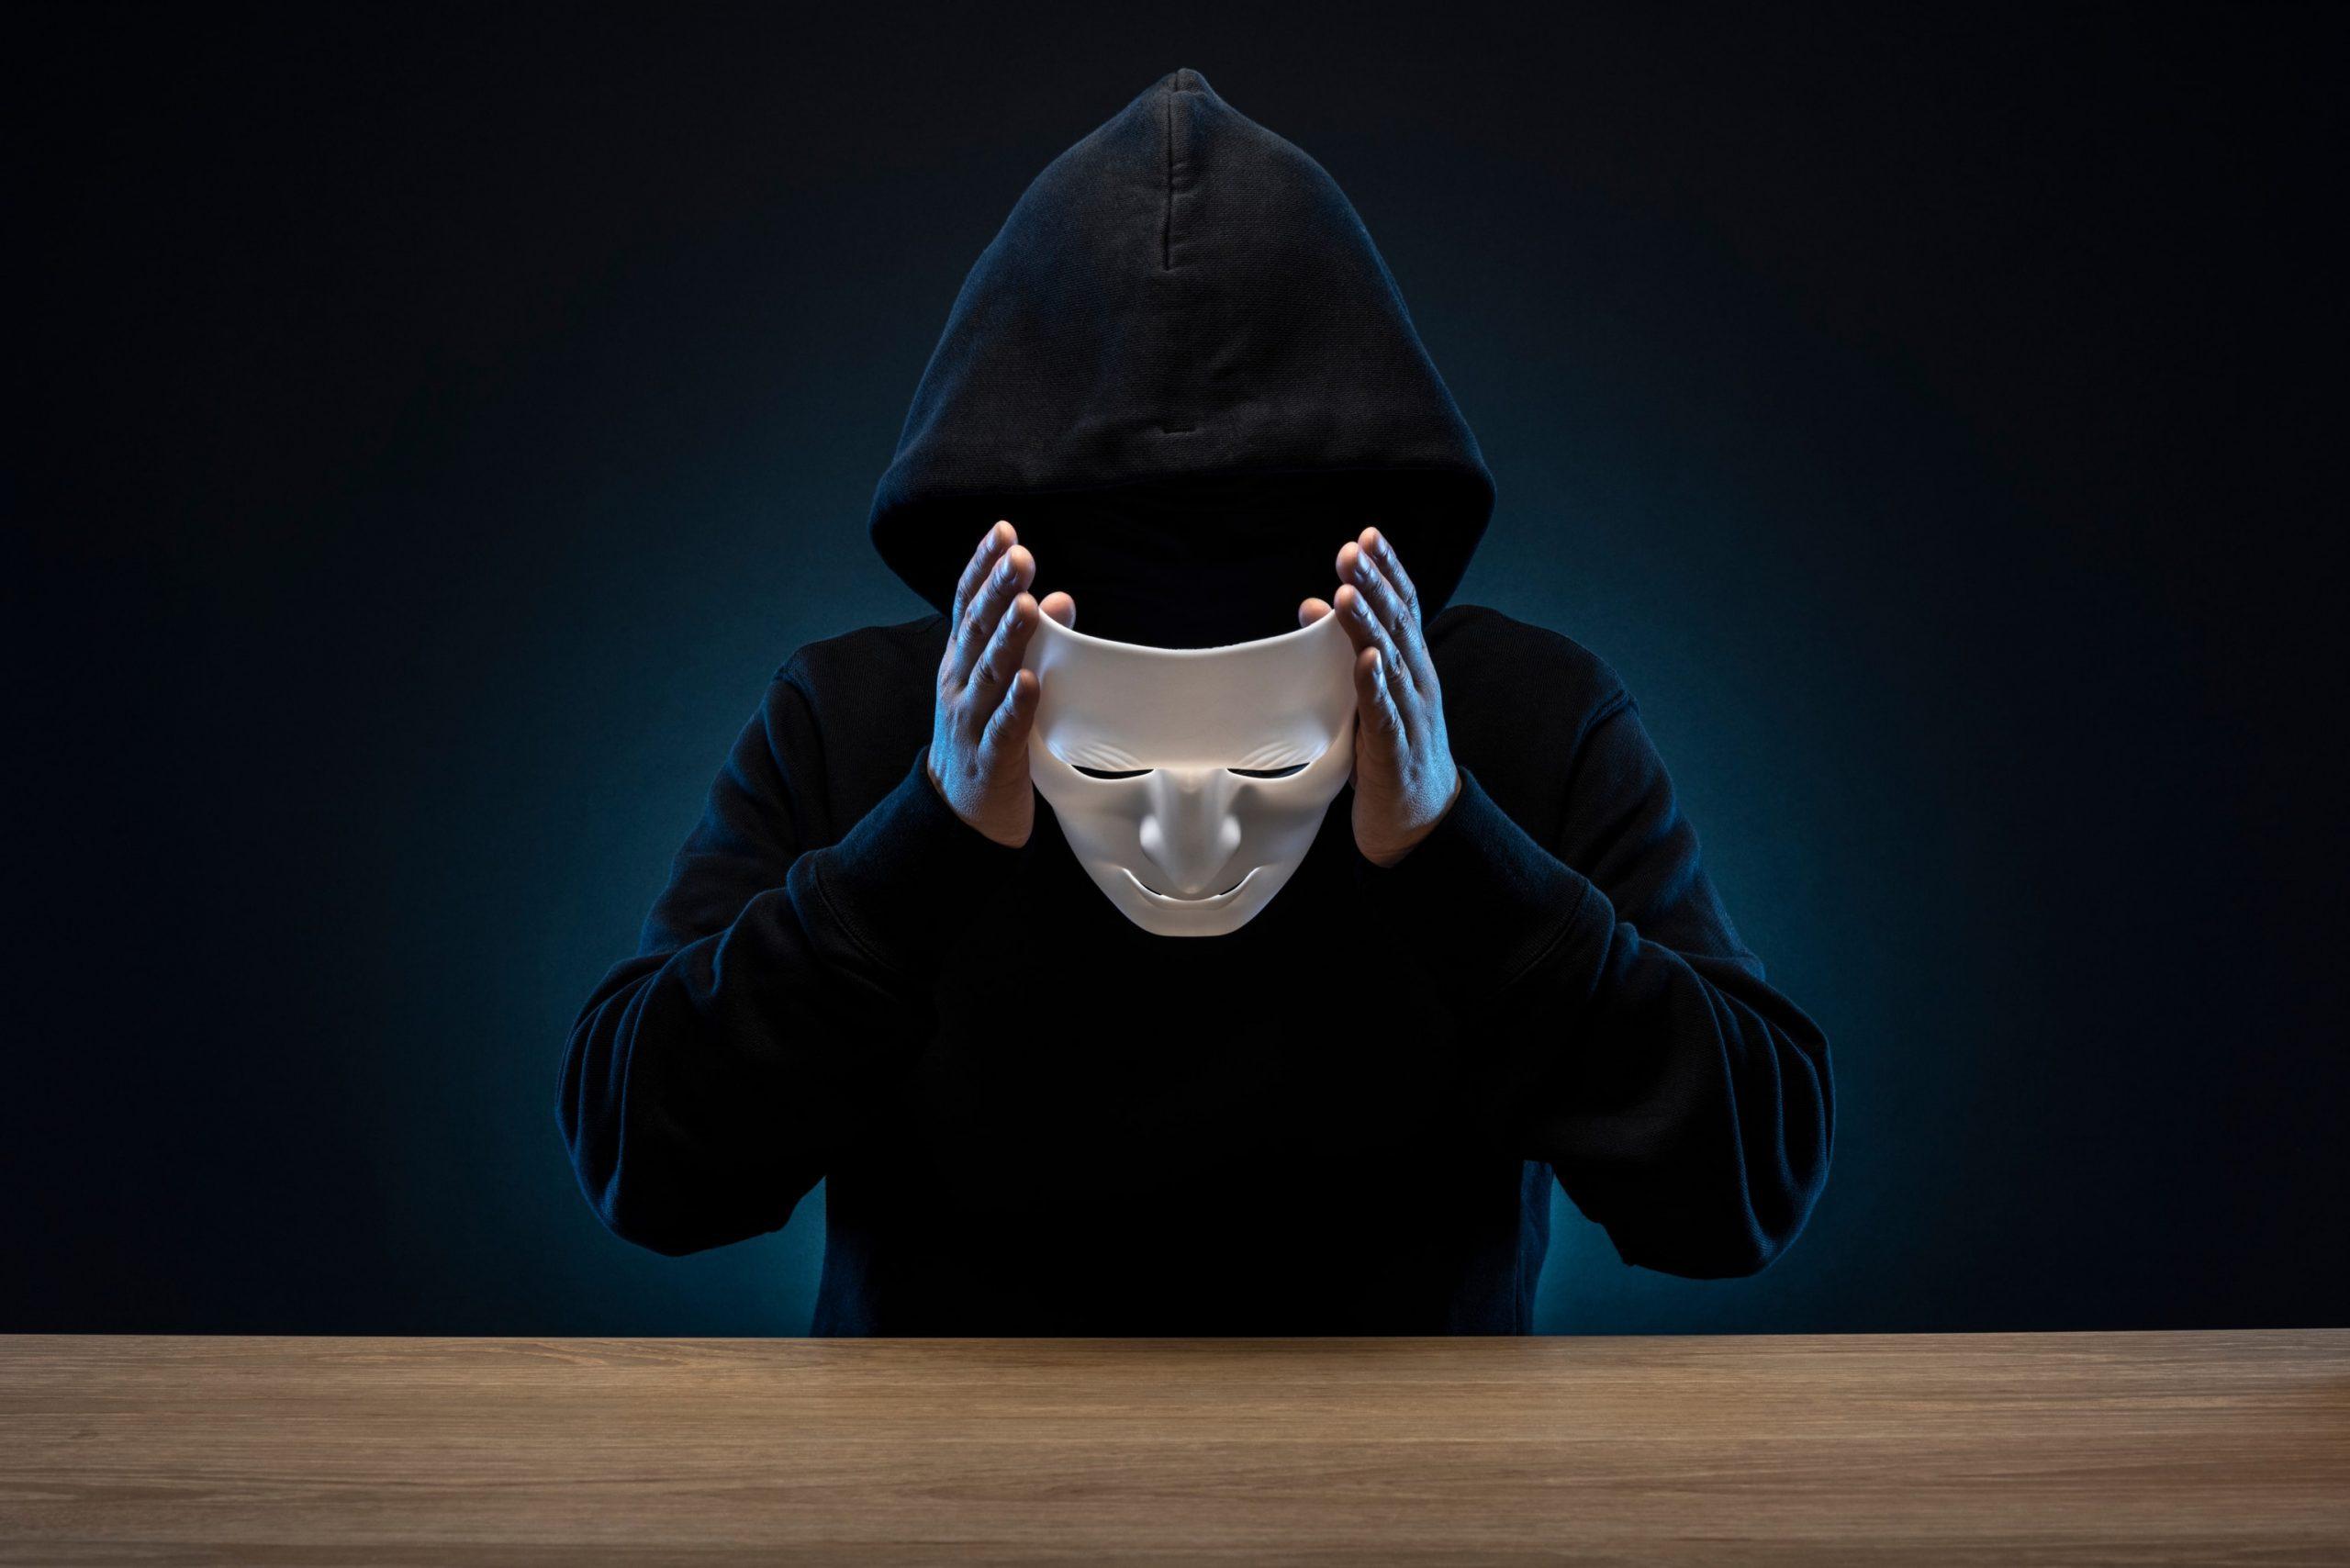 Mann mit Hoodie nimmt sich vor dunklem Hintergrund seine Maske ab